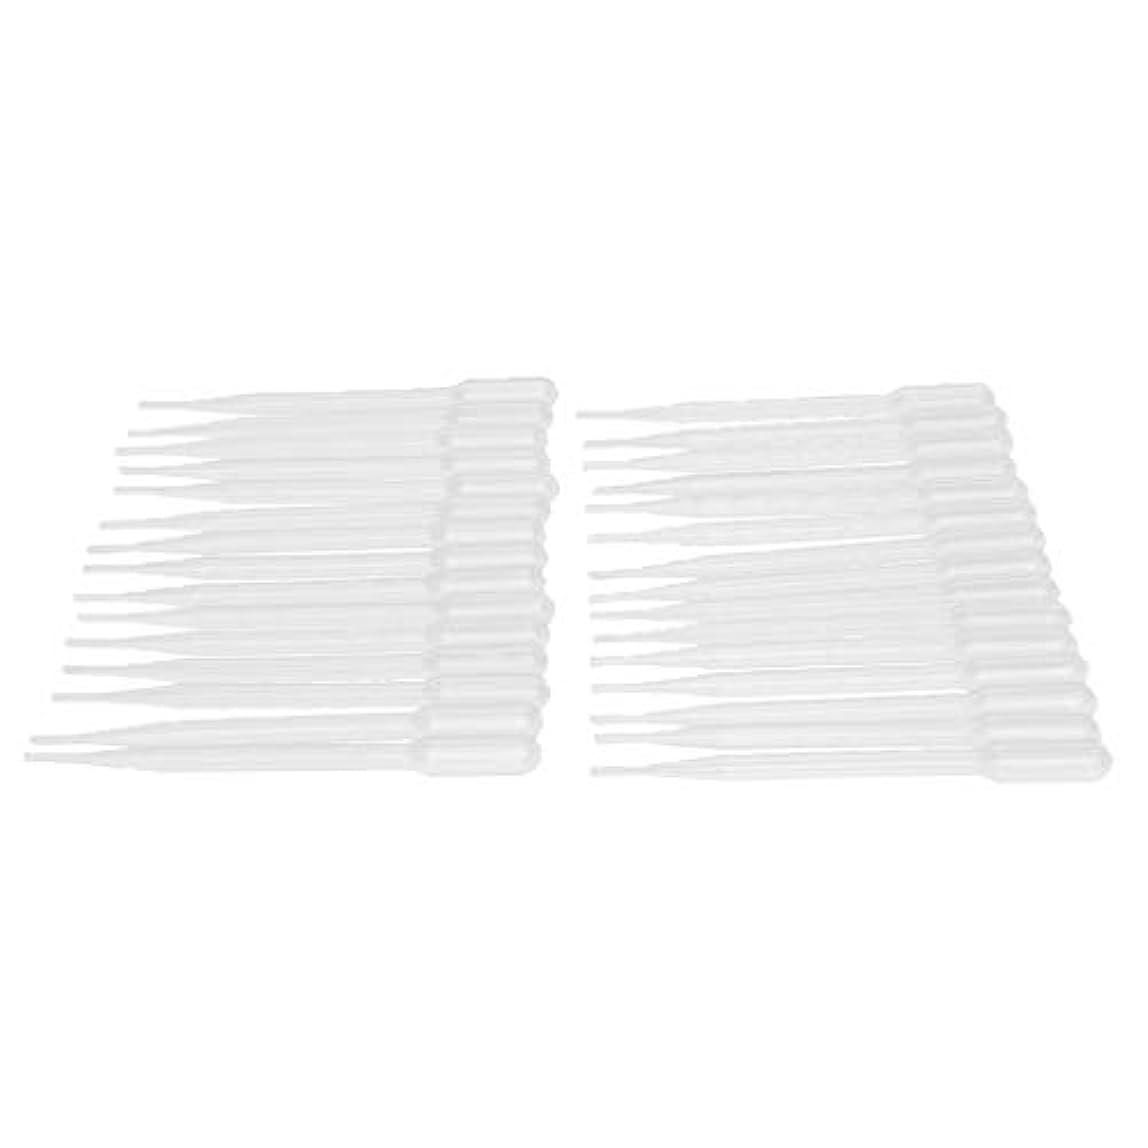 節約倉庫血統dailymall 30ピース/個使い捨てプラスチックトランスファーピペット、エッセンシャルオイルと科学研究所に適したキャリブレーションドロッパー-0.2ml 1ml 3ml - 3ML